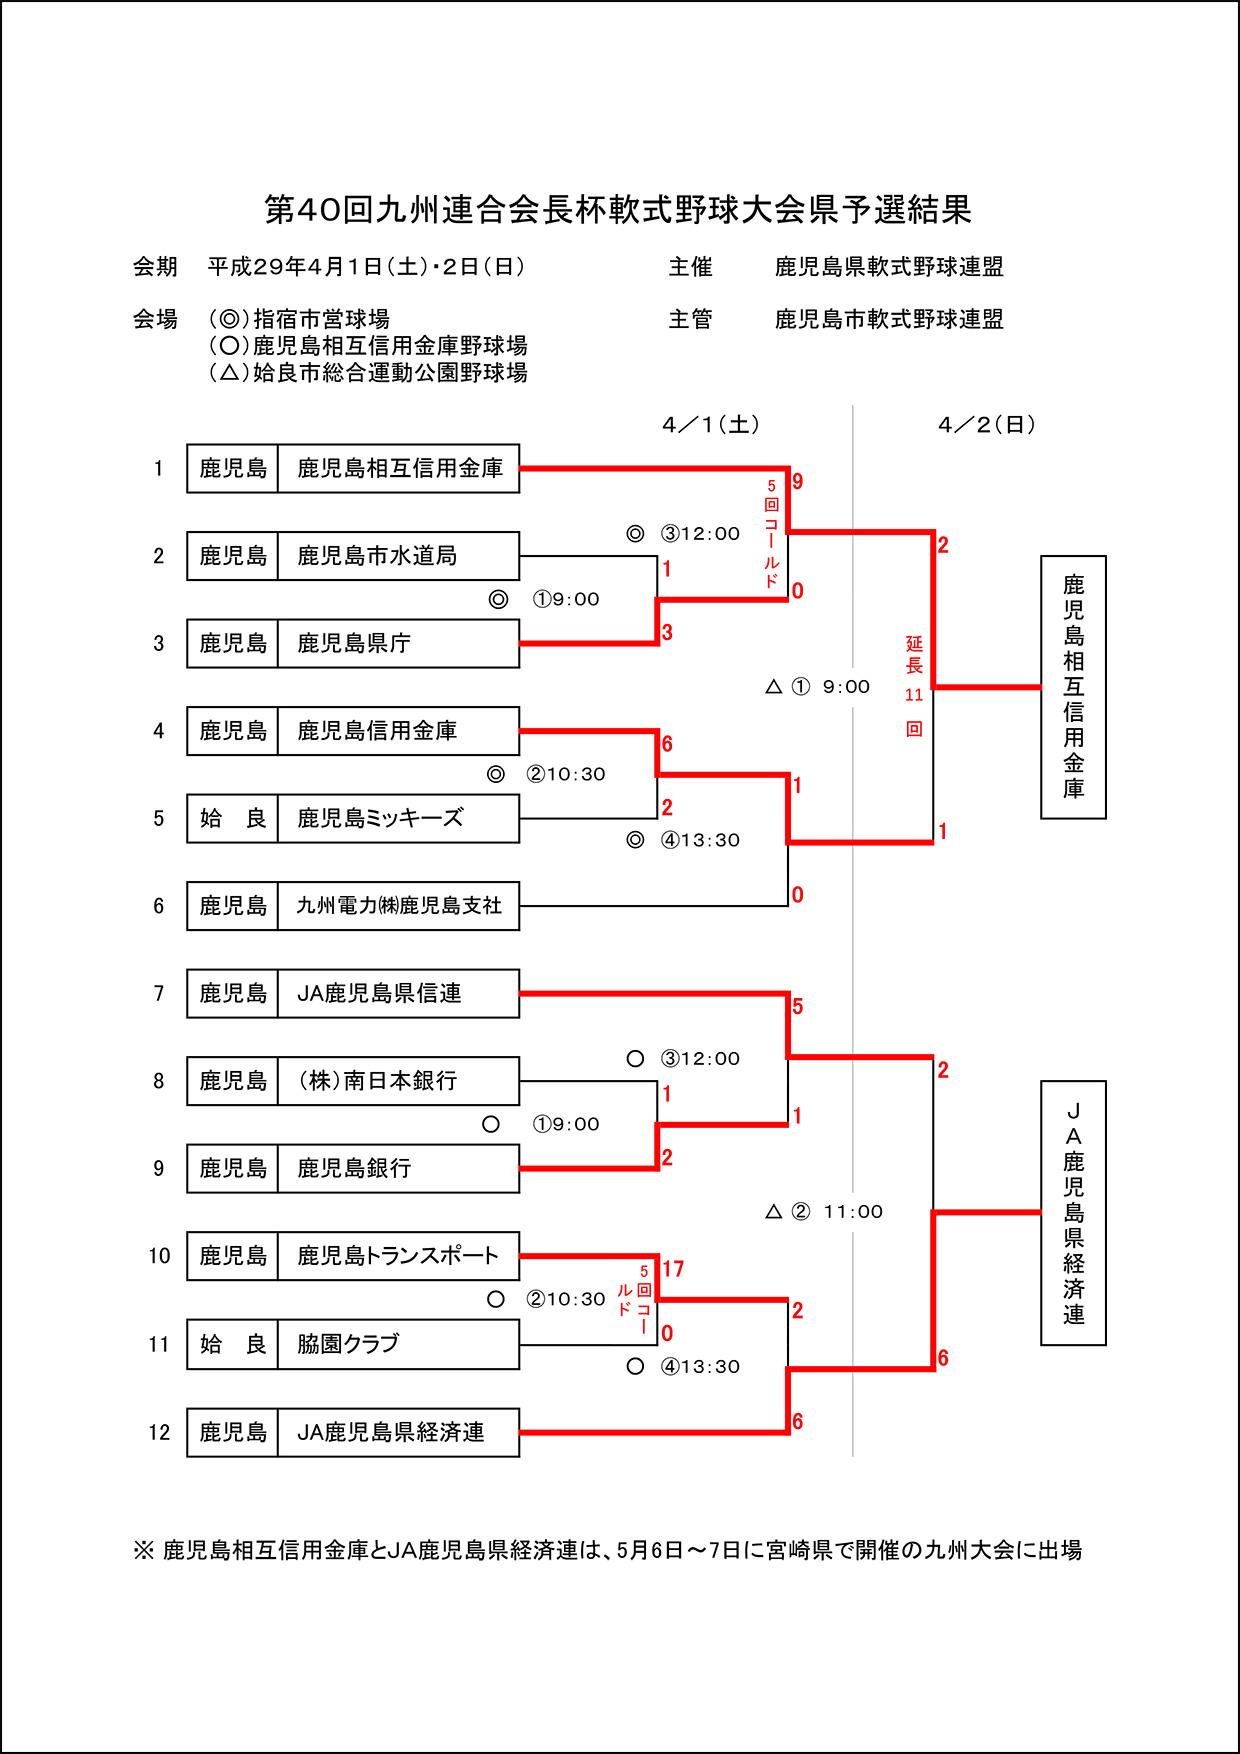 【結果】第40回九州連合会長杯軟式野球大会県予選結果